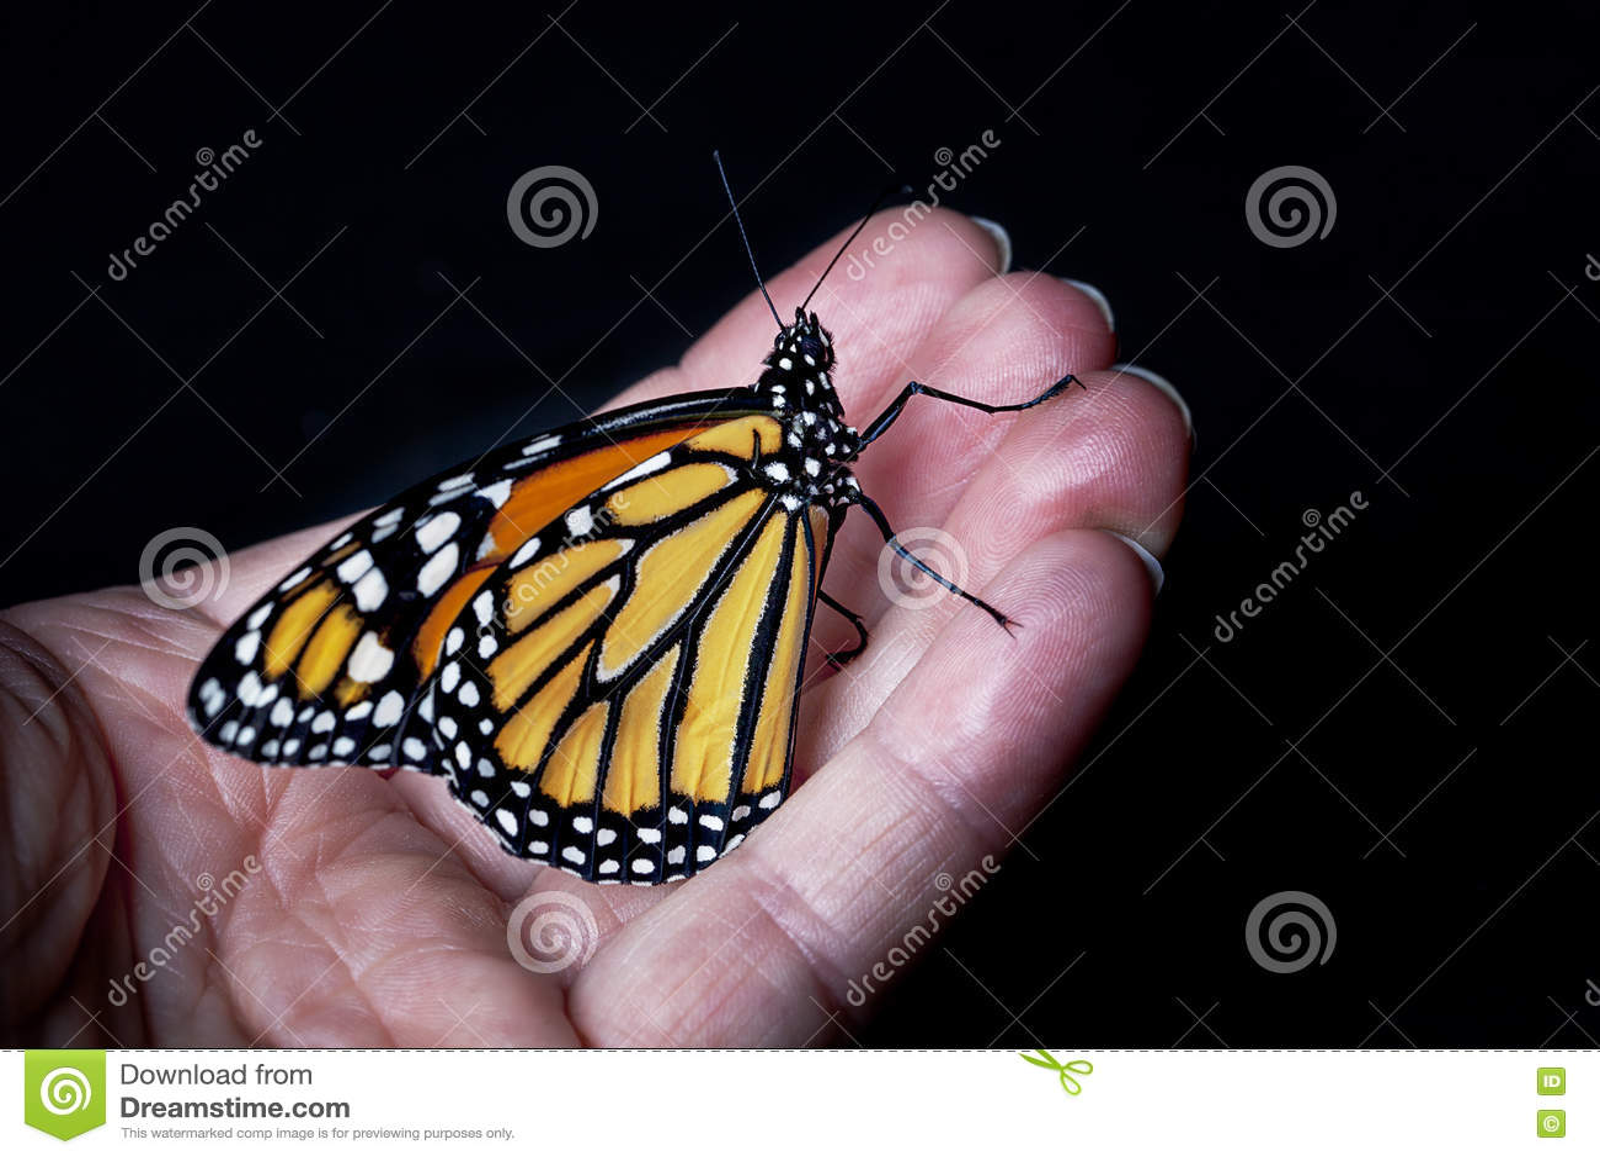 Mariposa de monarca a mano